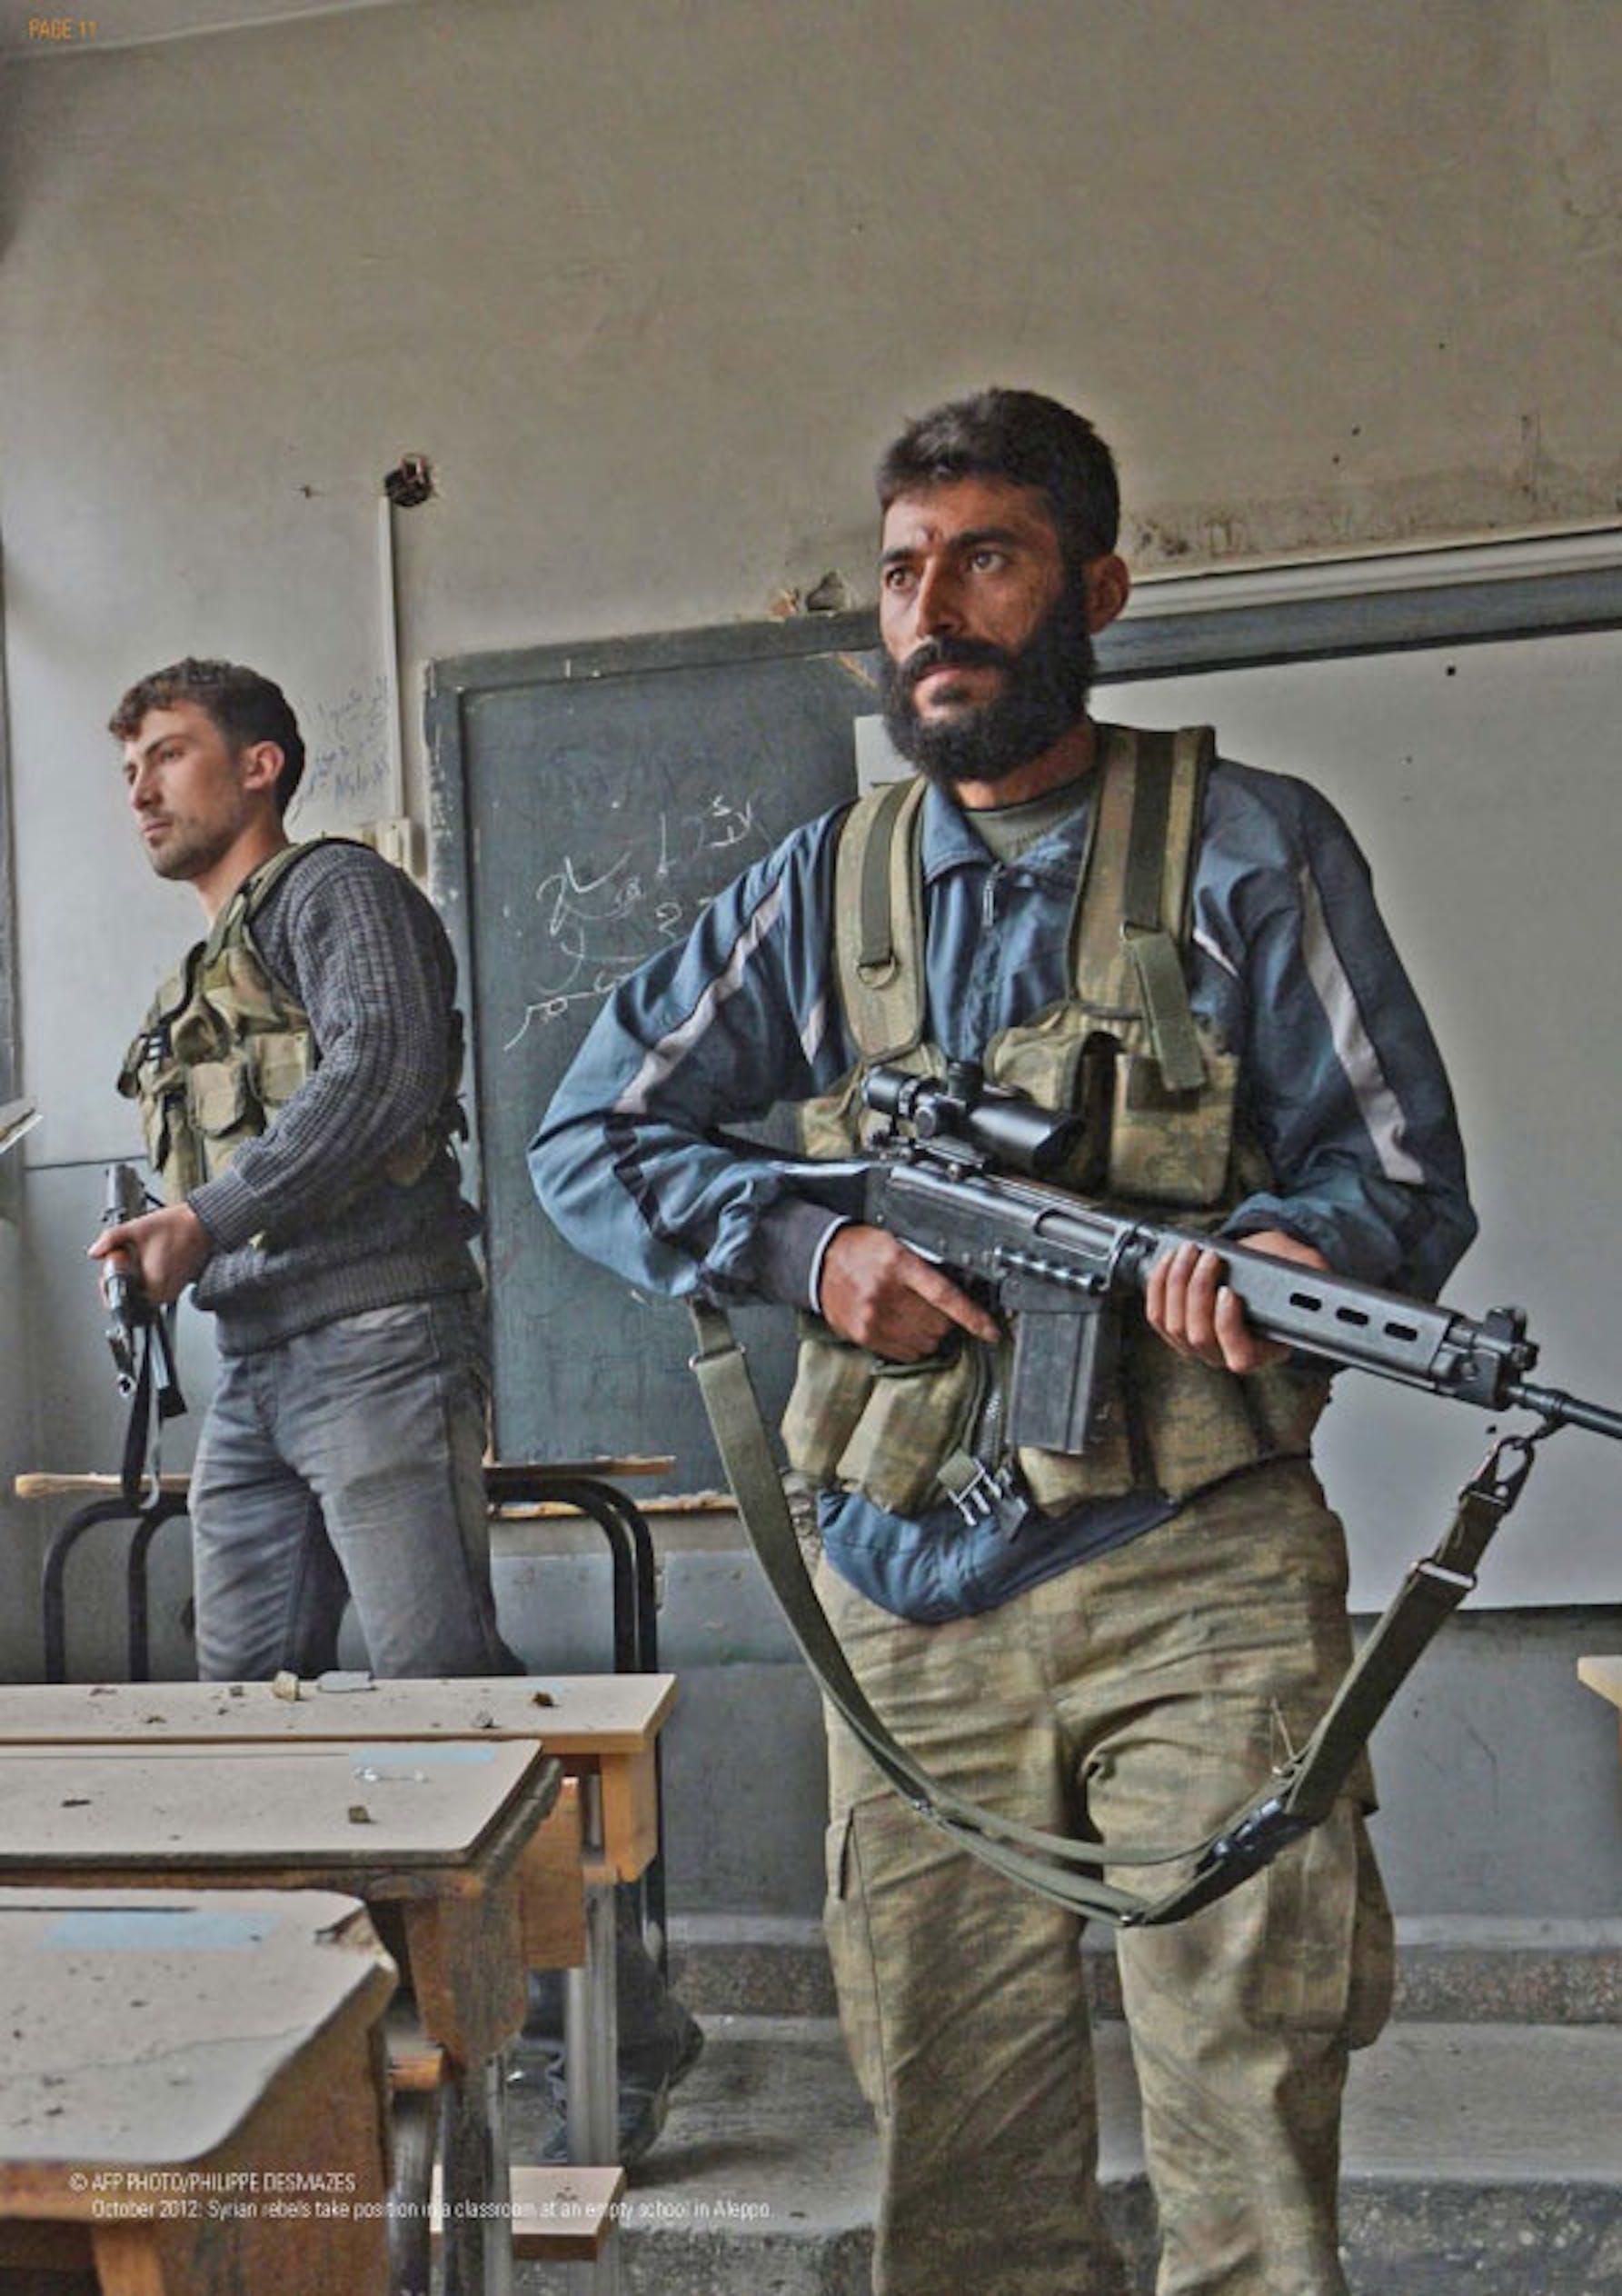 Ribelli prendono posizione in una scuola di Aleppo (Siria) - ©AFP/2012/Philippe Desmazes